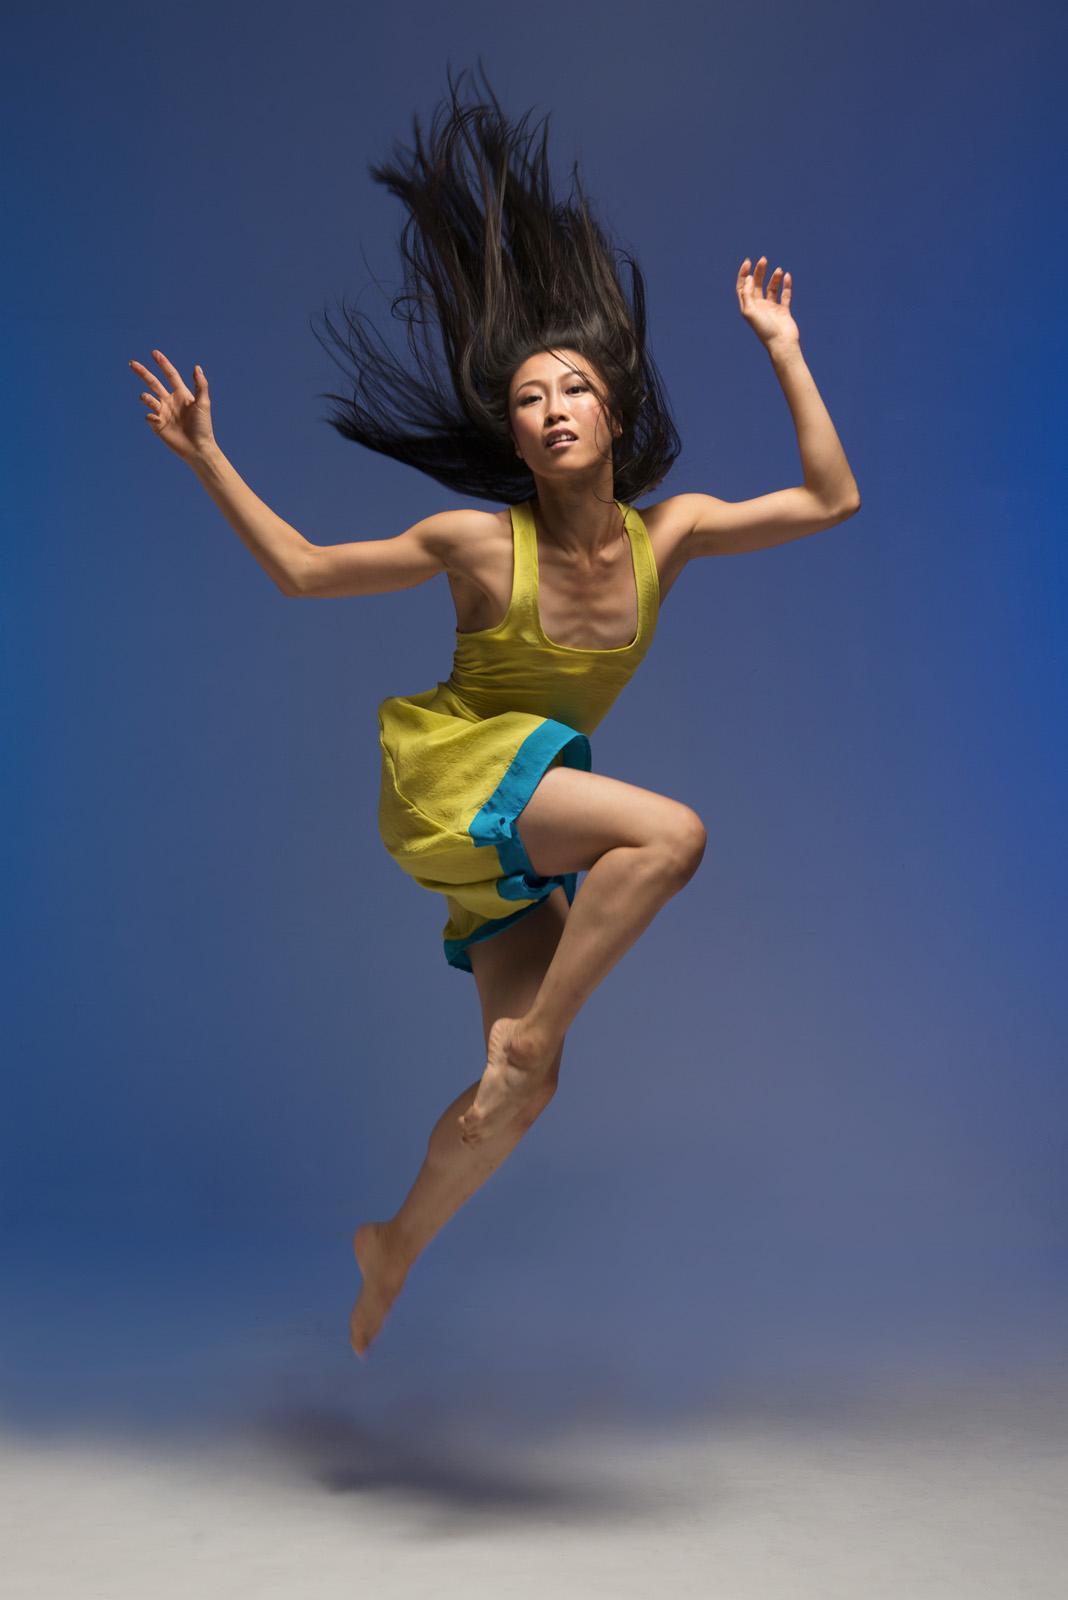 PeiJu Chien-Pott #1